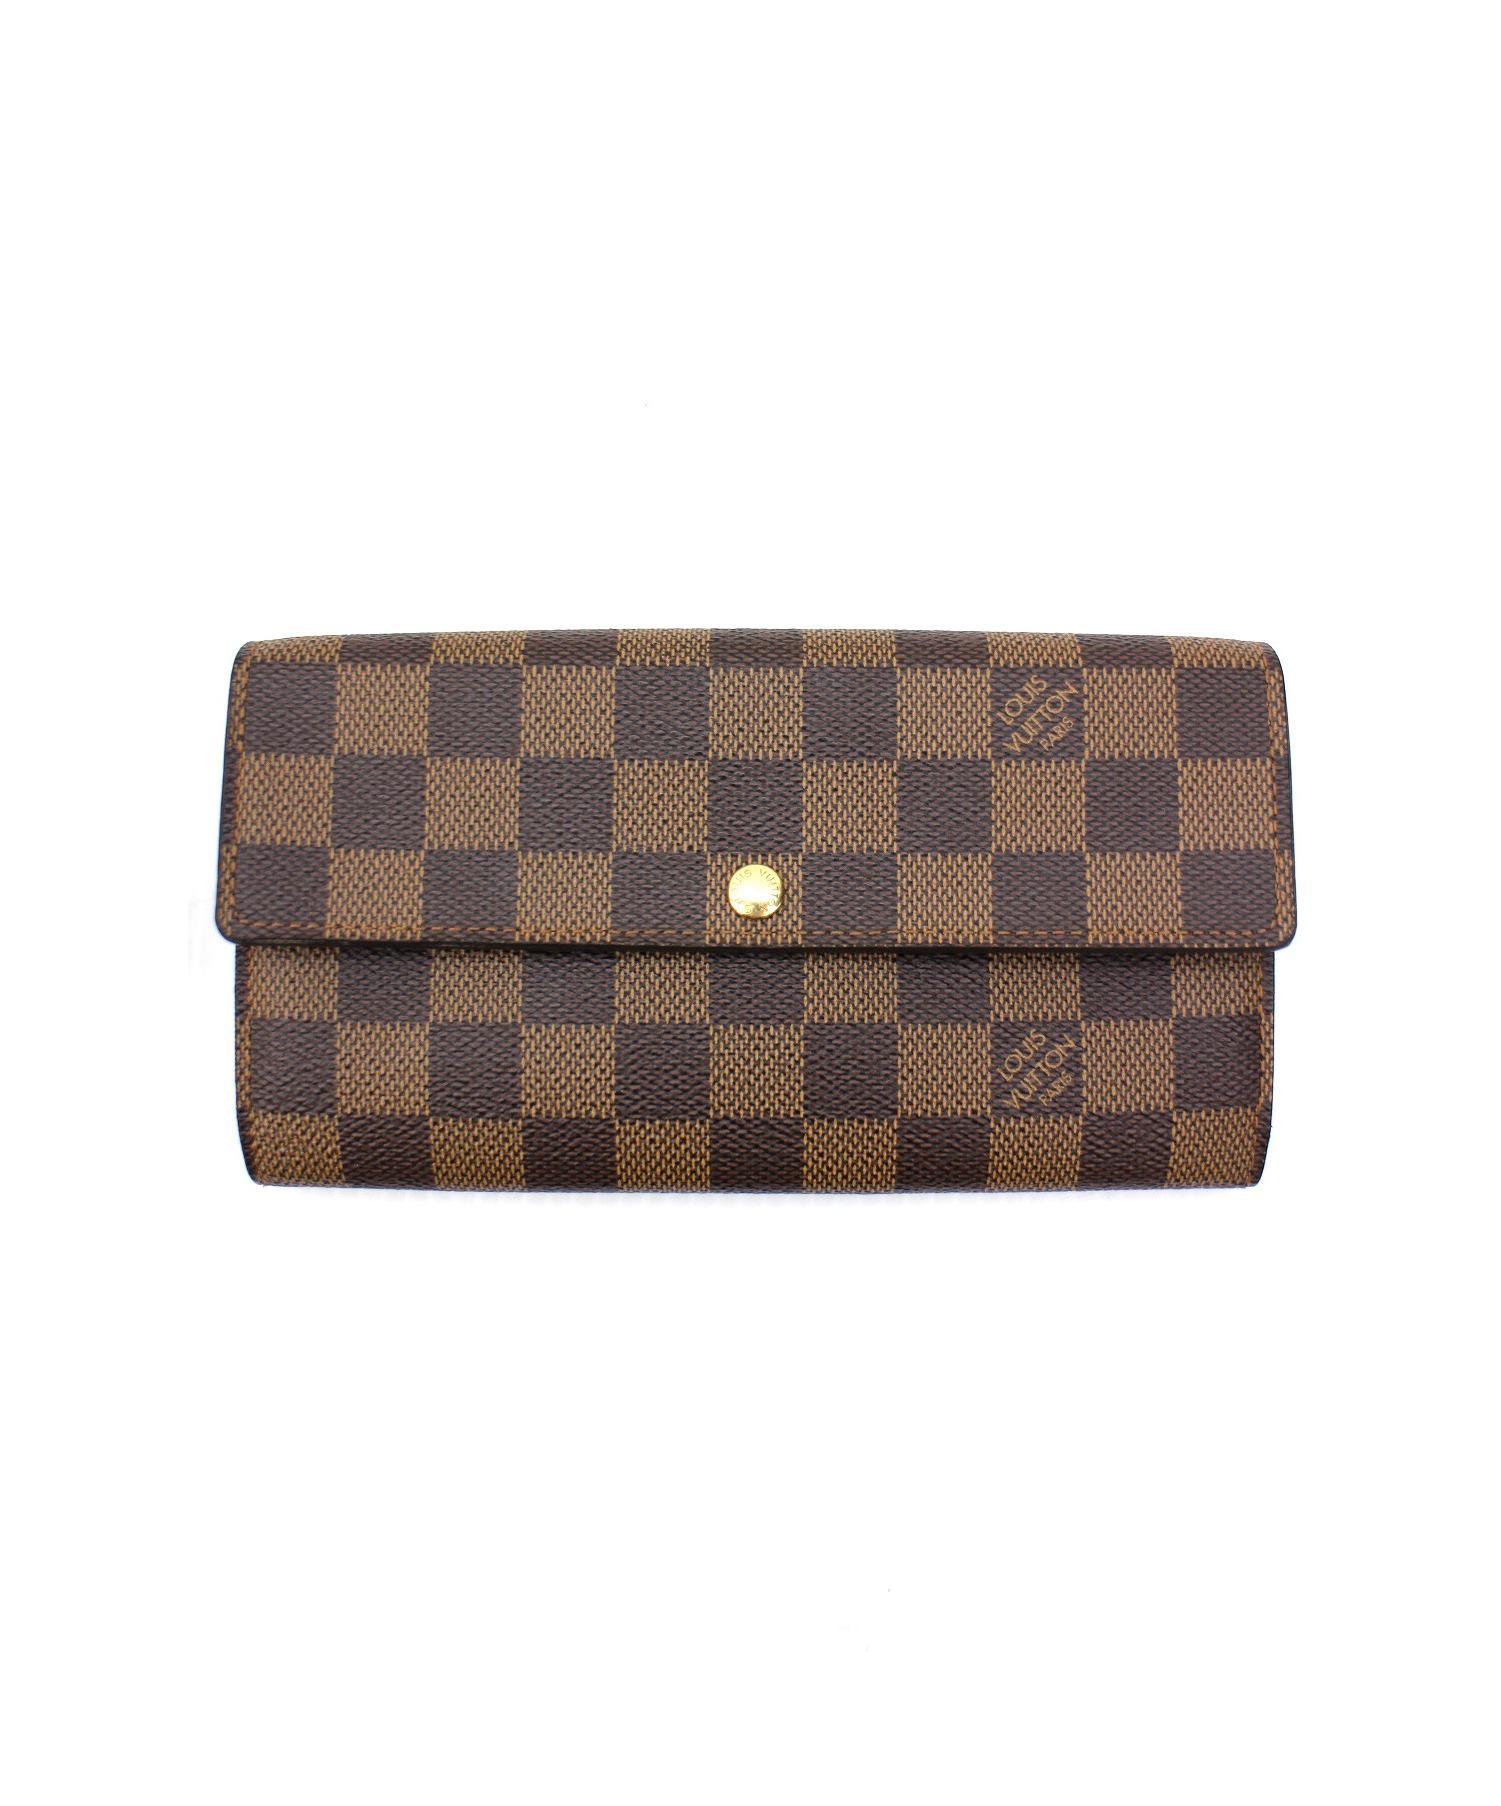 new style ed635 c58b0 [中古]LOUIS VUITTON(ルイ・ヴィトン)のレディース 服飾小物 長財布